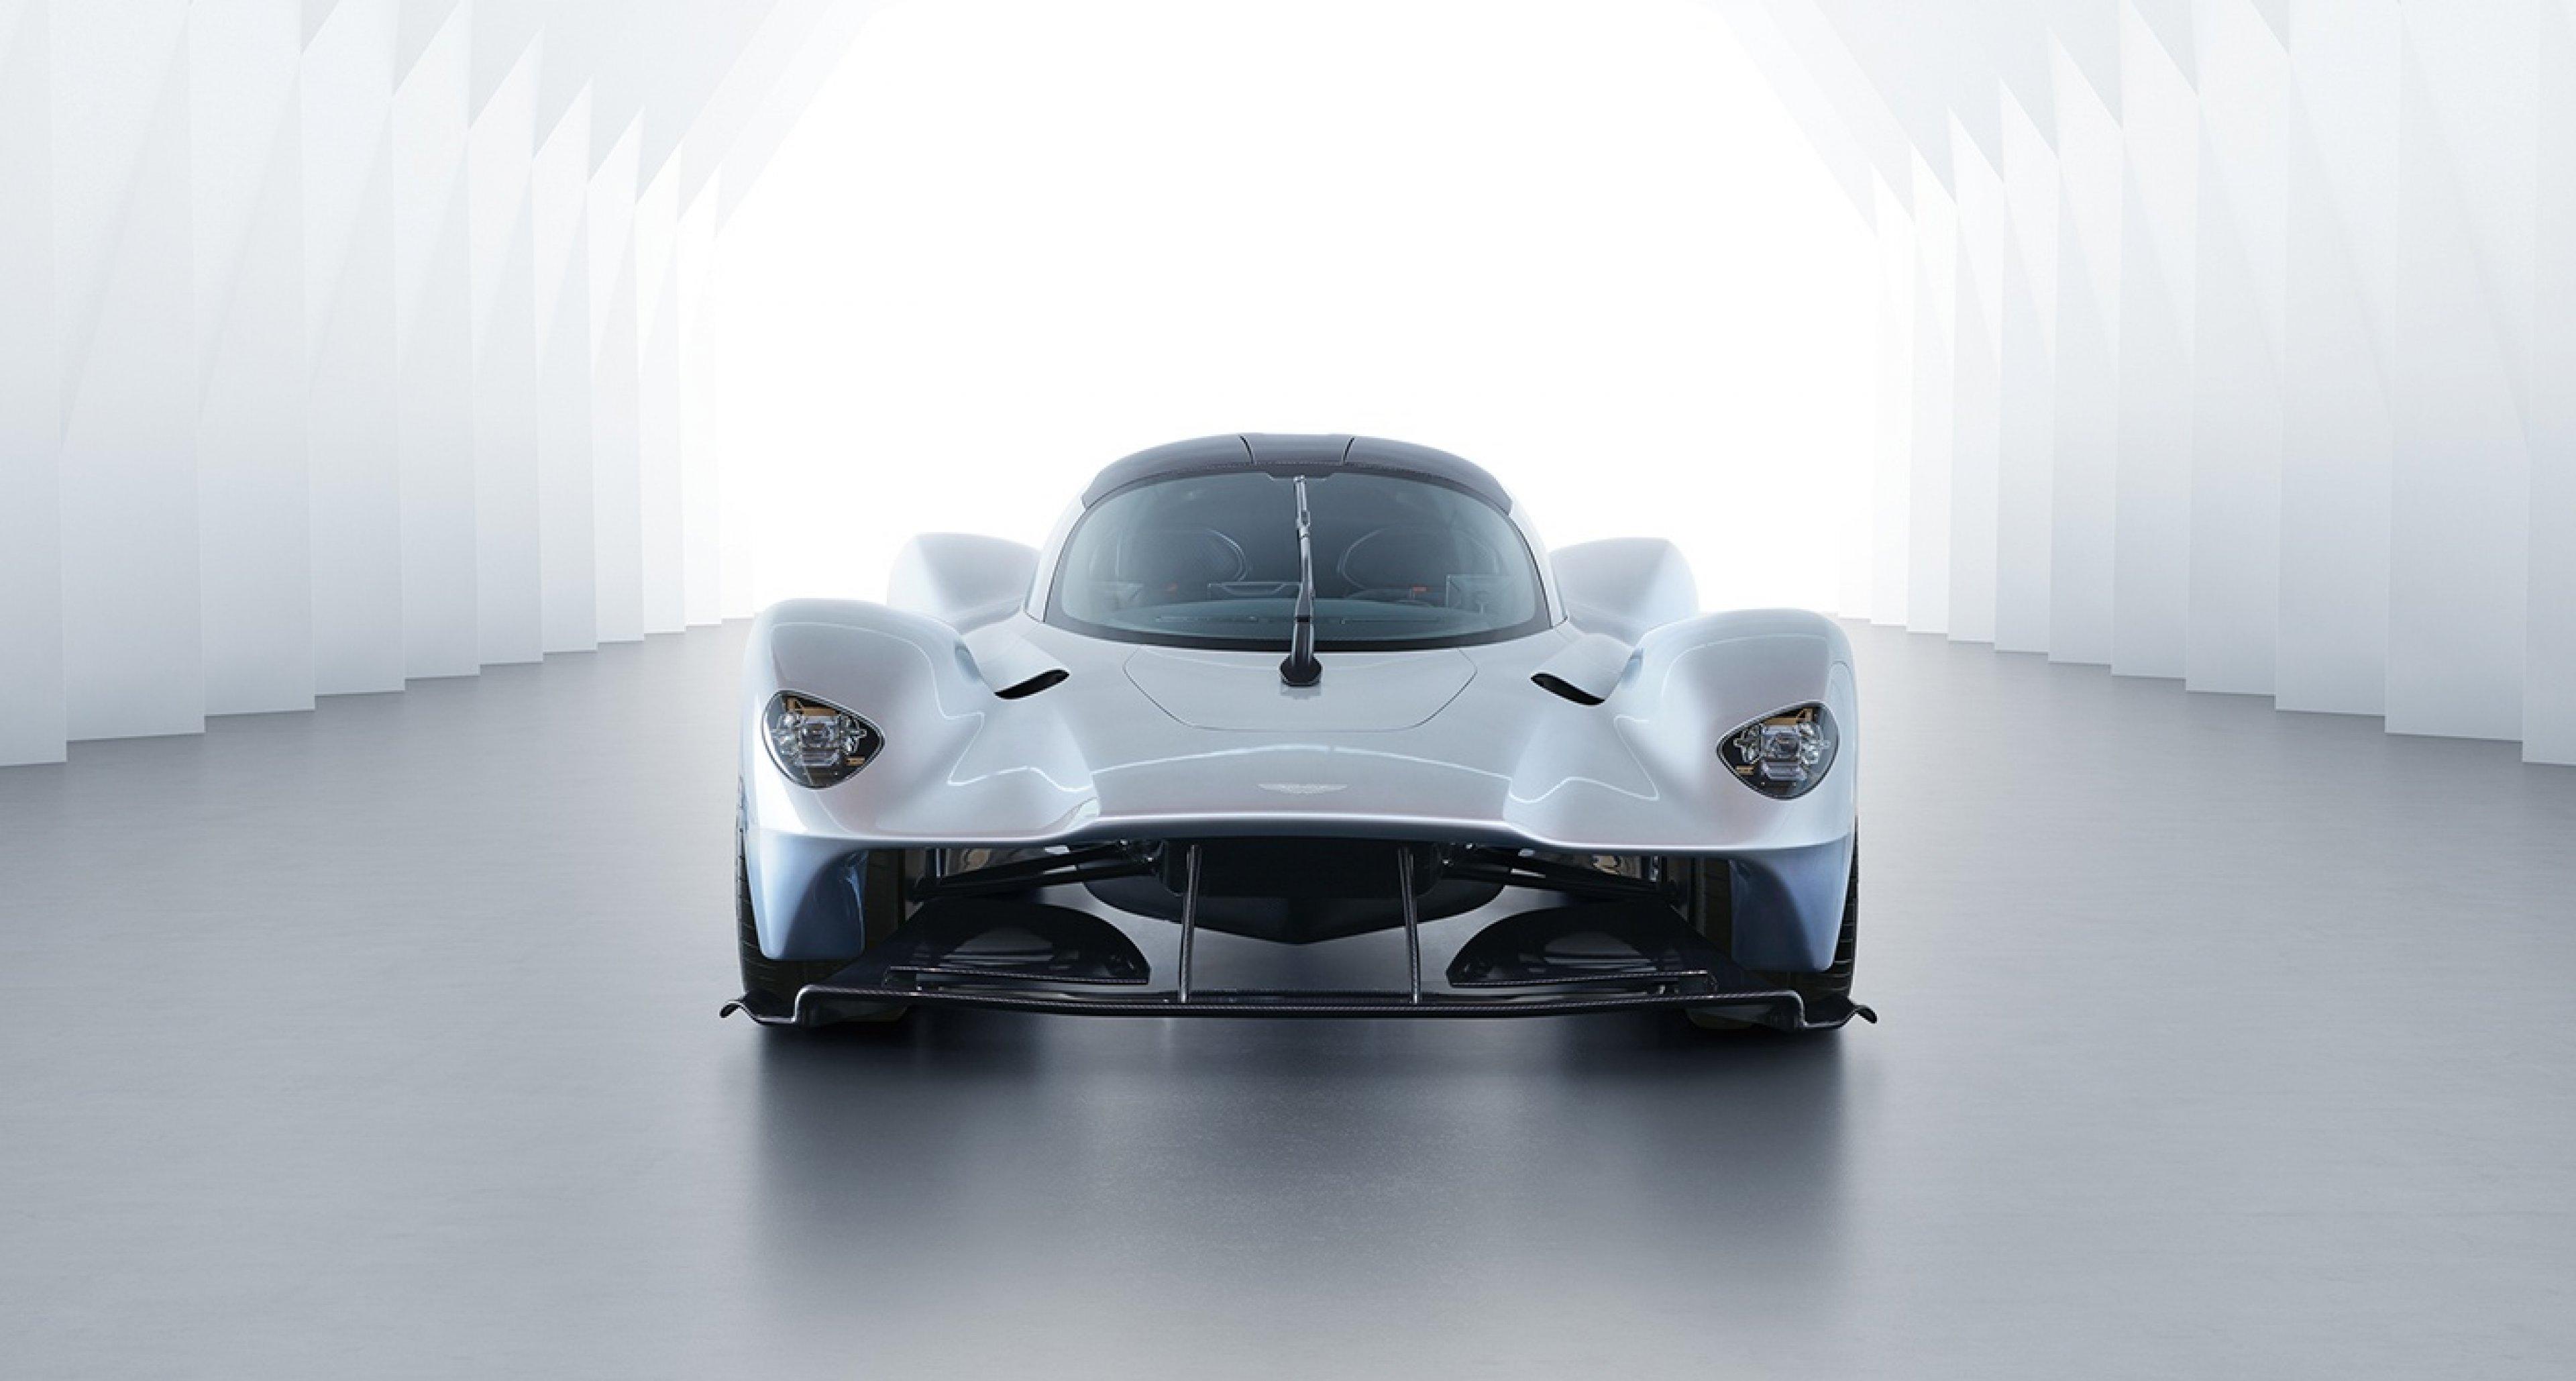 The Nearproduction Aston Martin Valkyrie Is Even Better Than The - Aston martin headlights